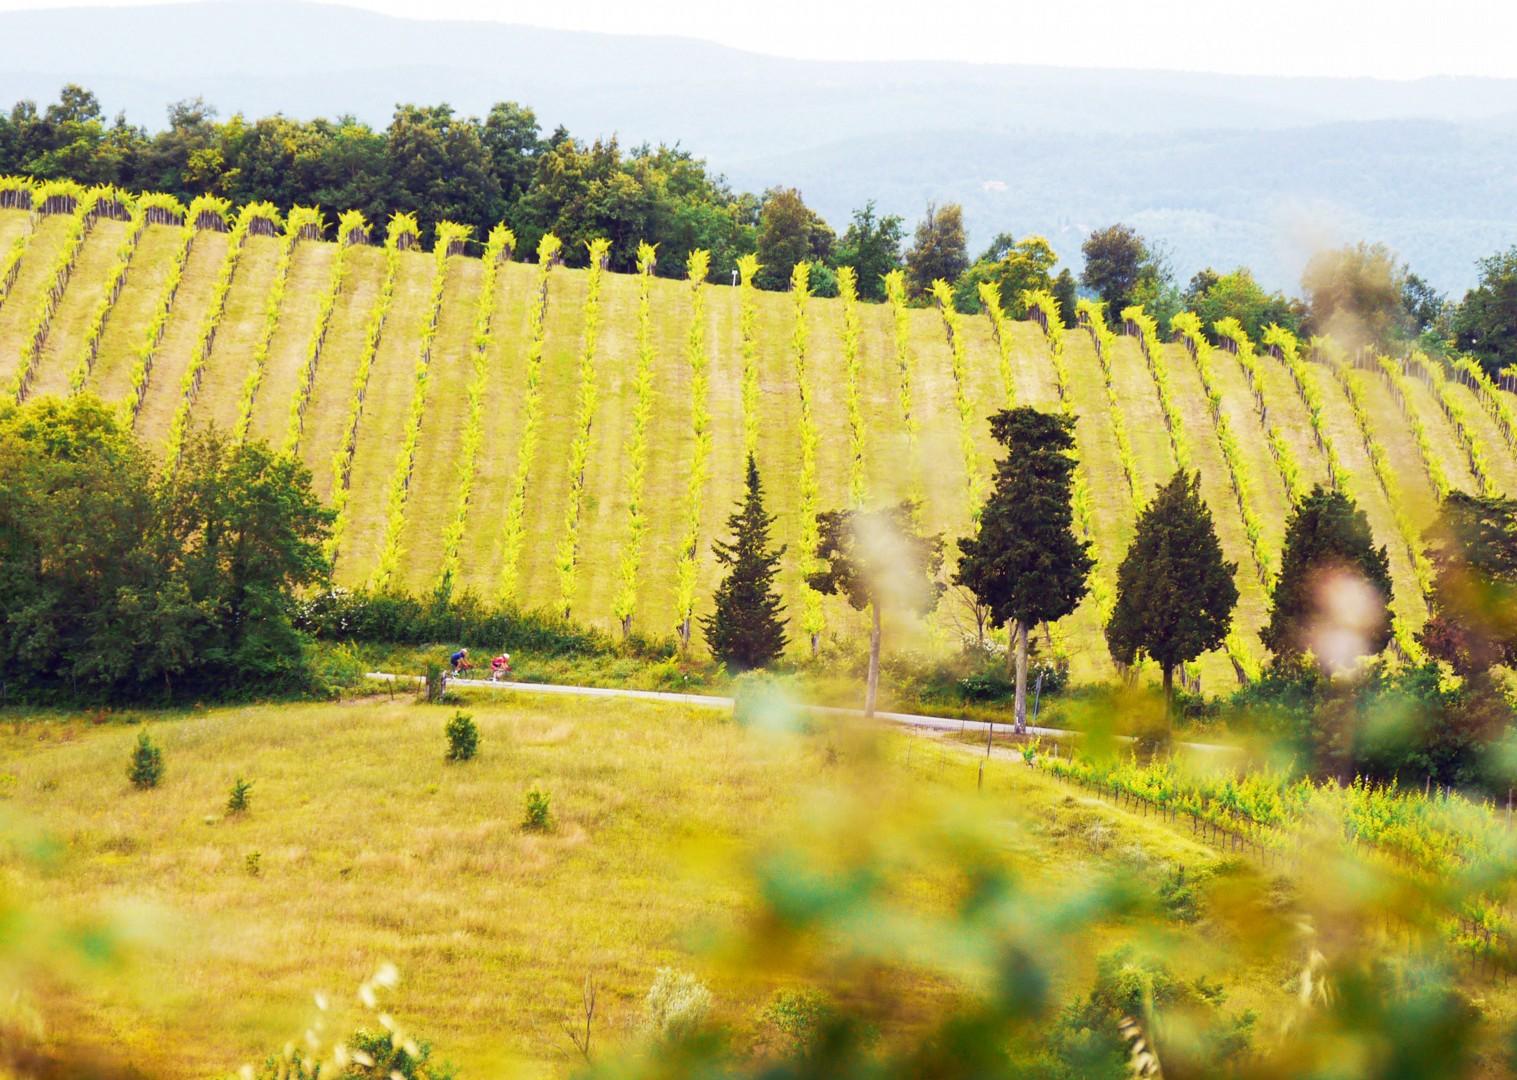 cycling-vineyards-tuscany-italy-holiday.jpg - Italy - Tuscany Tourer - Guided Road Cycling Holiday - Road Cycling